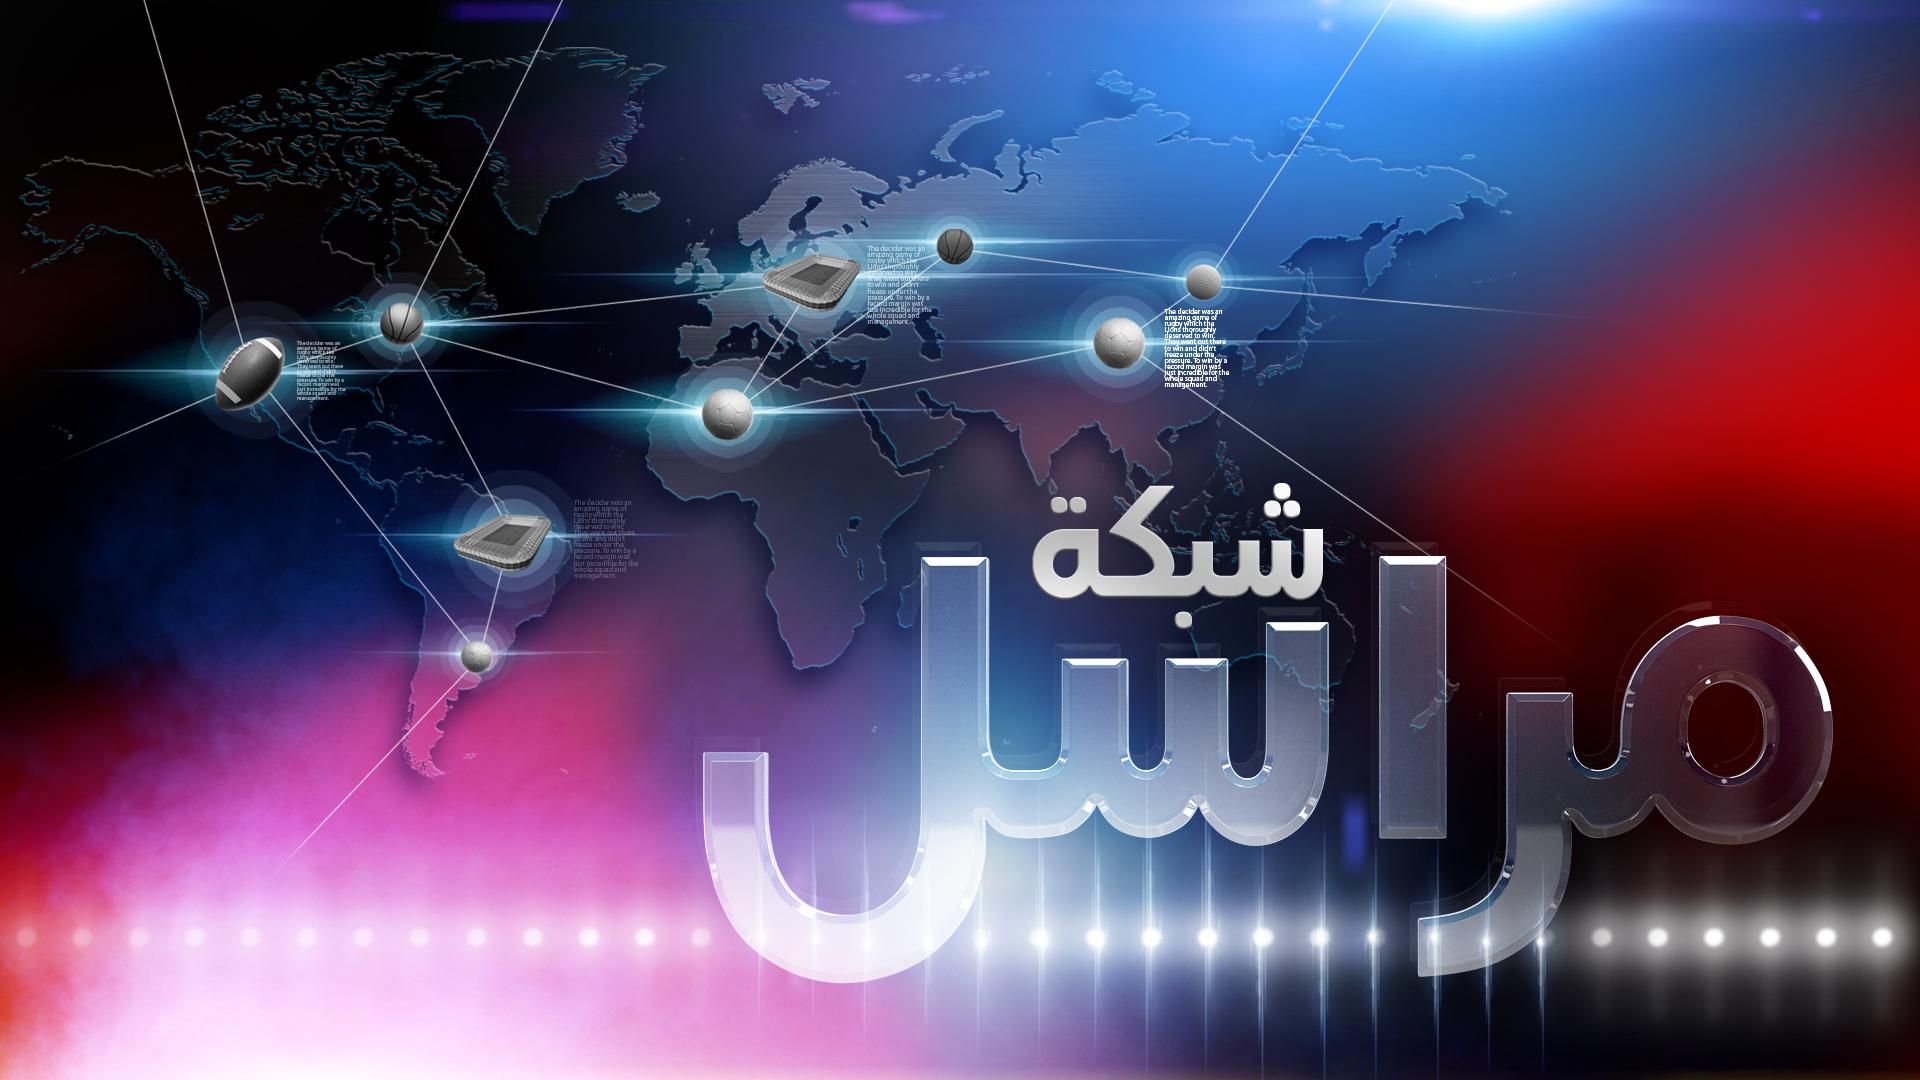 CORRESPONDANT NETWORK